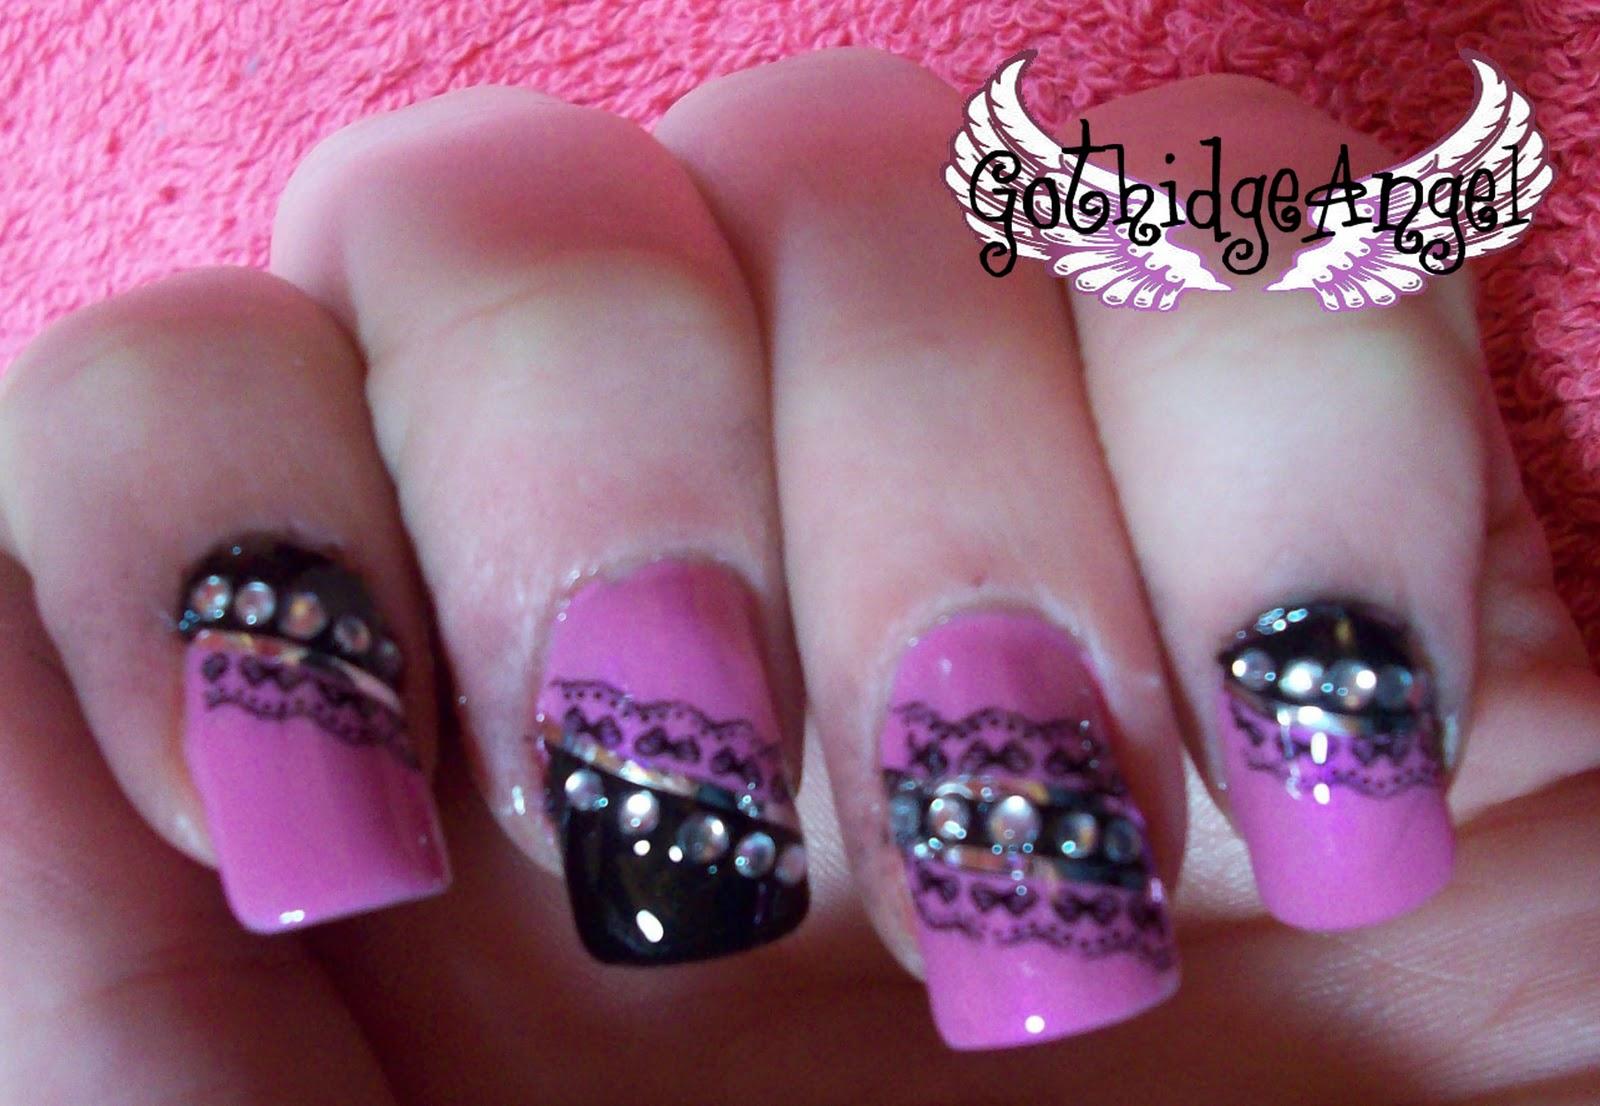 GothidgeAngel Makeup: Tutorial: Pink and Black Gothic/Lolita Nails